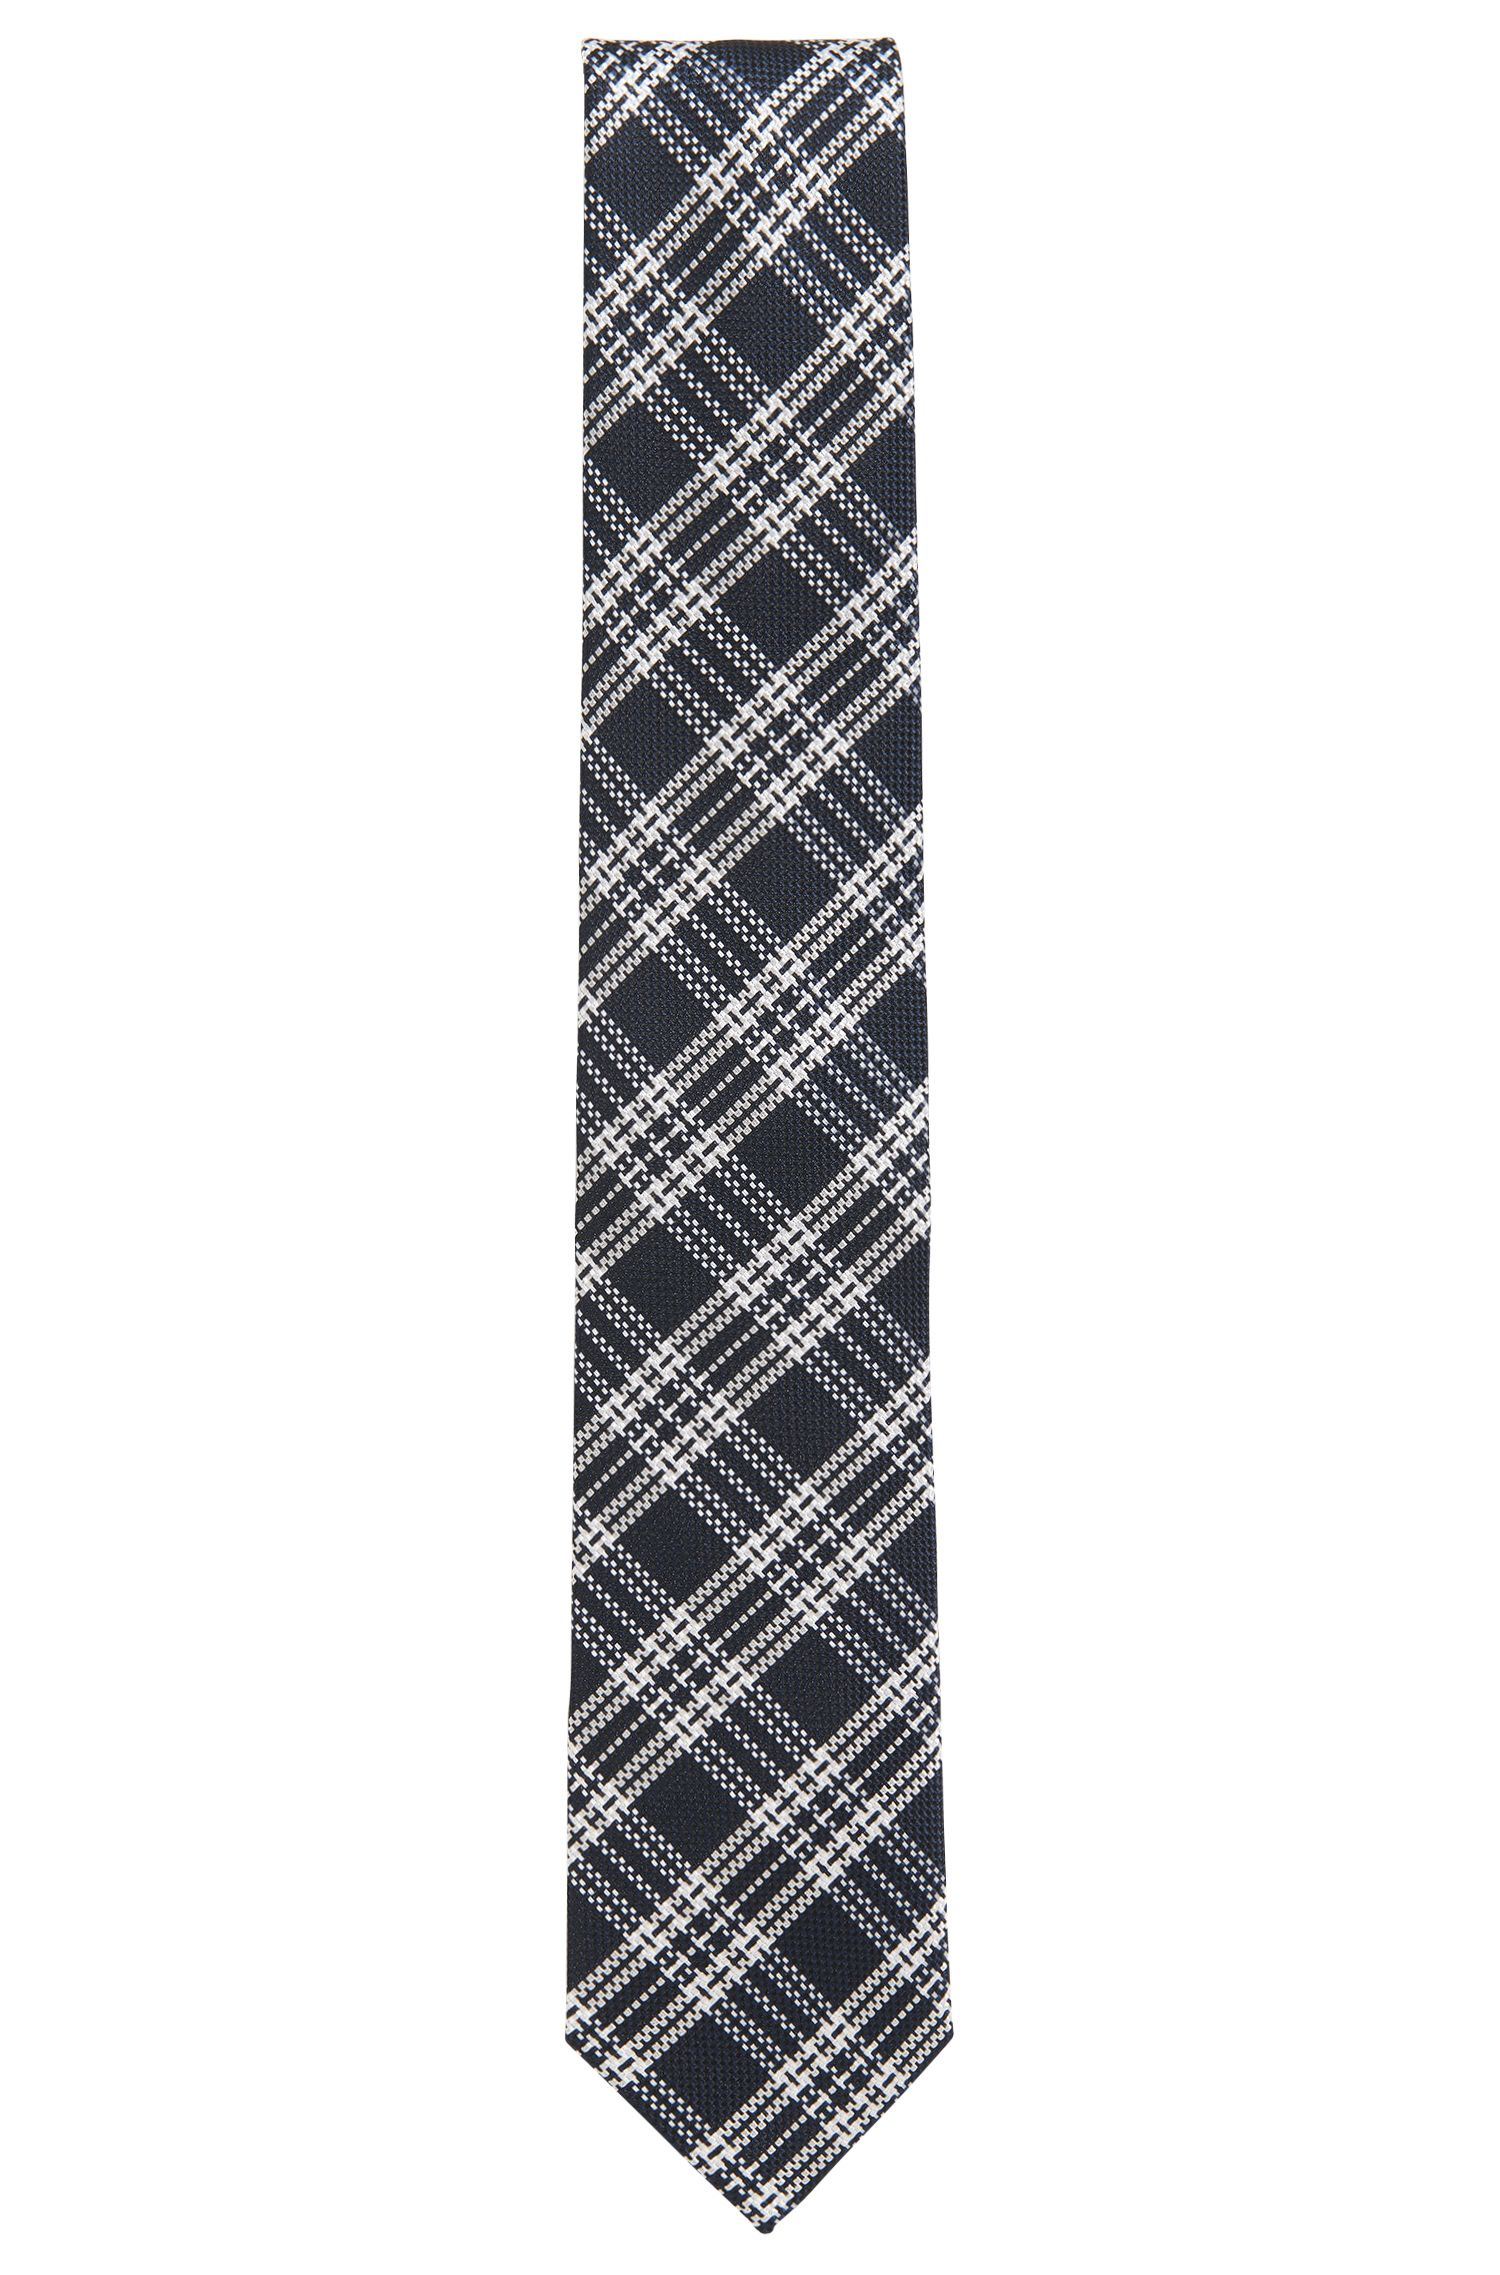 Corbata de cuadros en tejido jacquard de seda